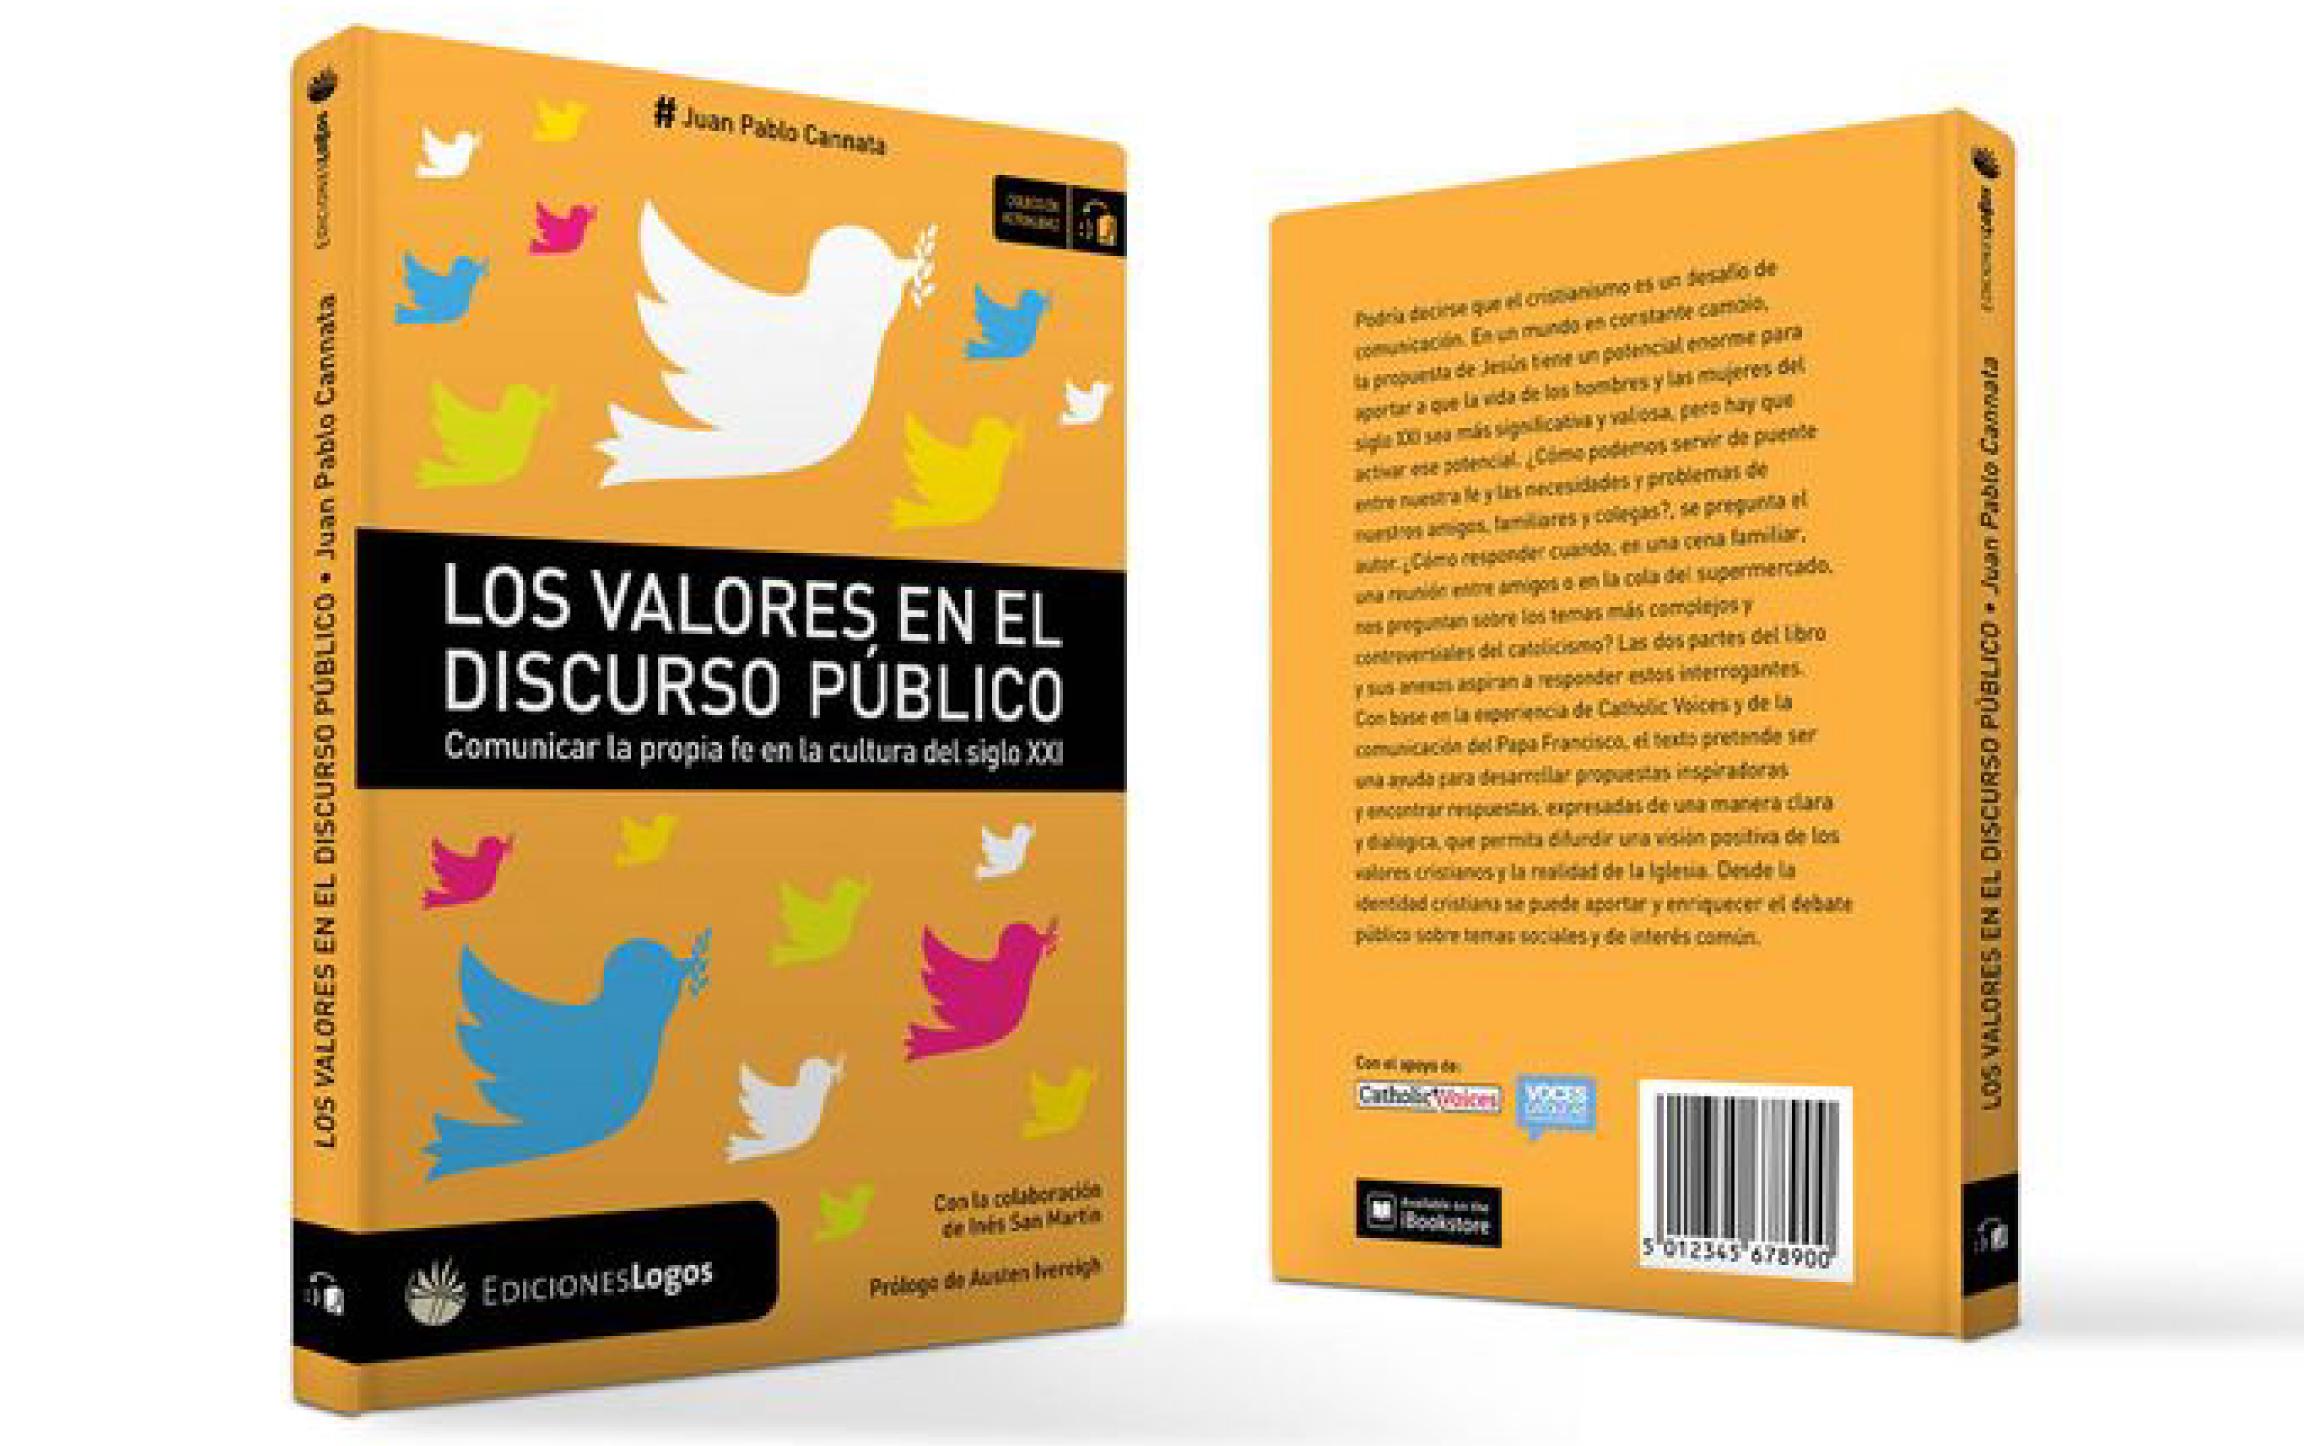 Libro Juan Pablo Cannata - imagen destacada